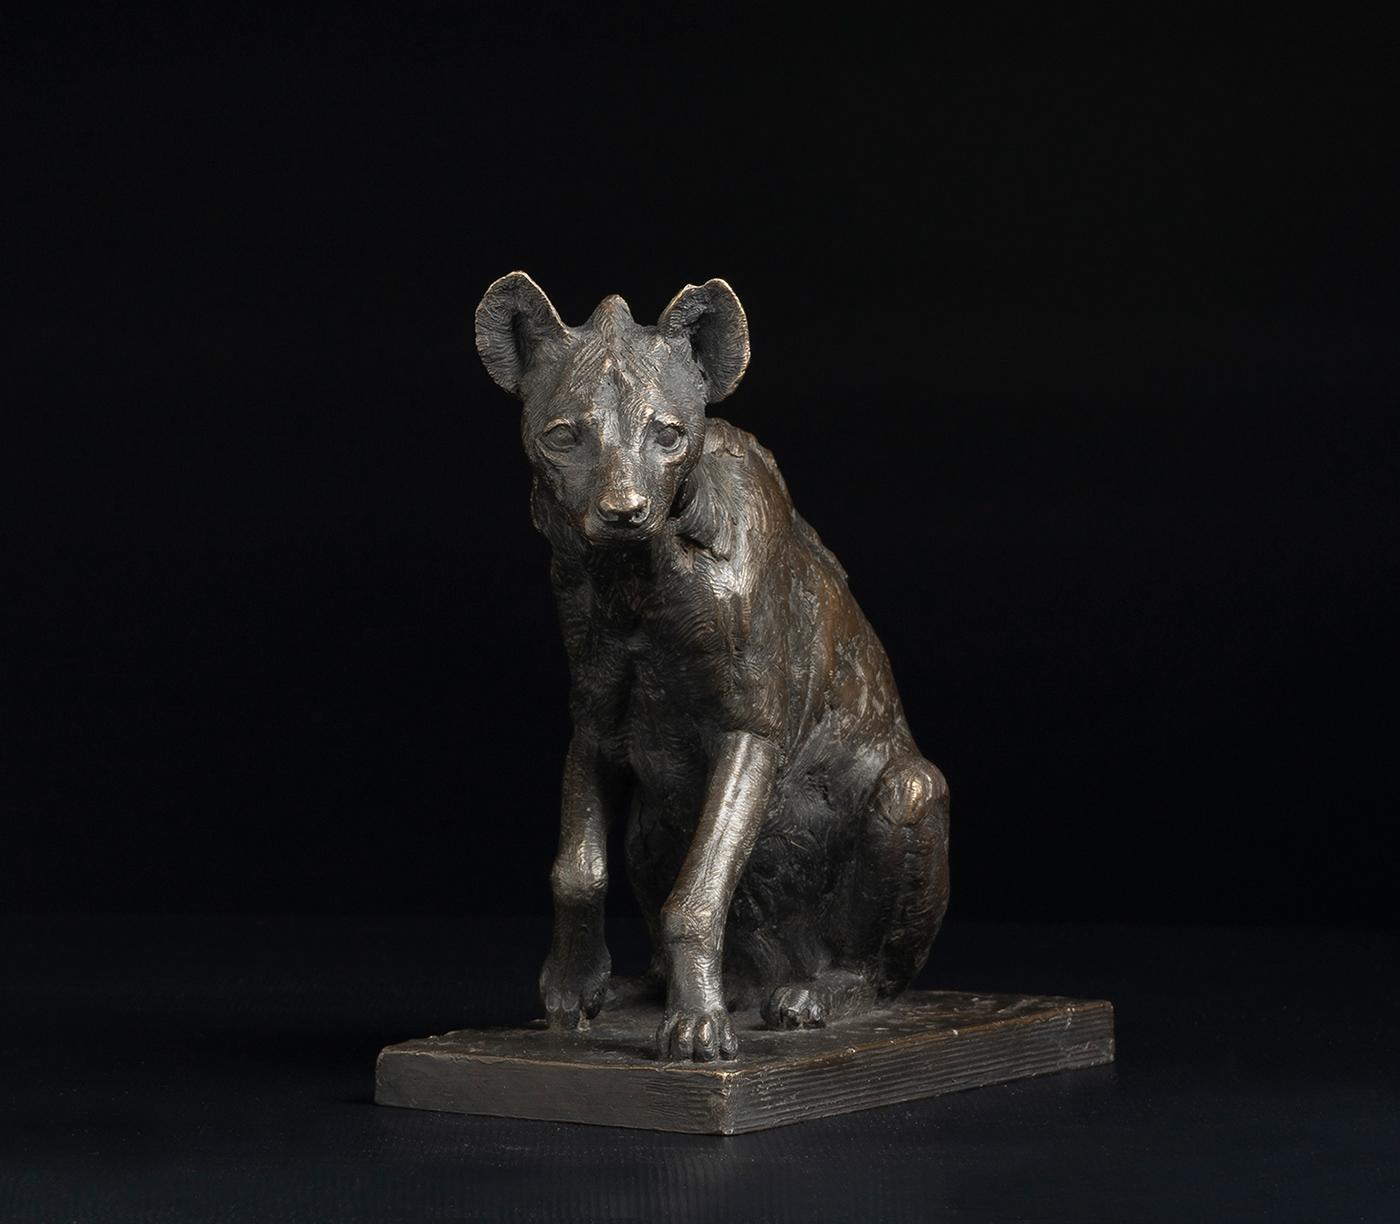 animal sculpture bronze Figure sculpture fine art moldmaking sculpture Spotted Hyena